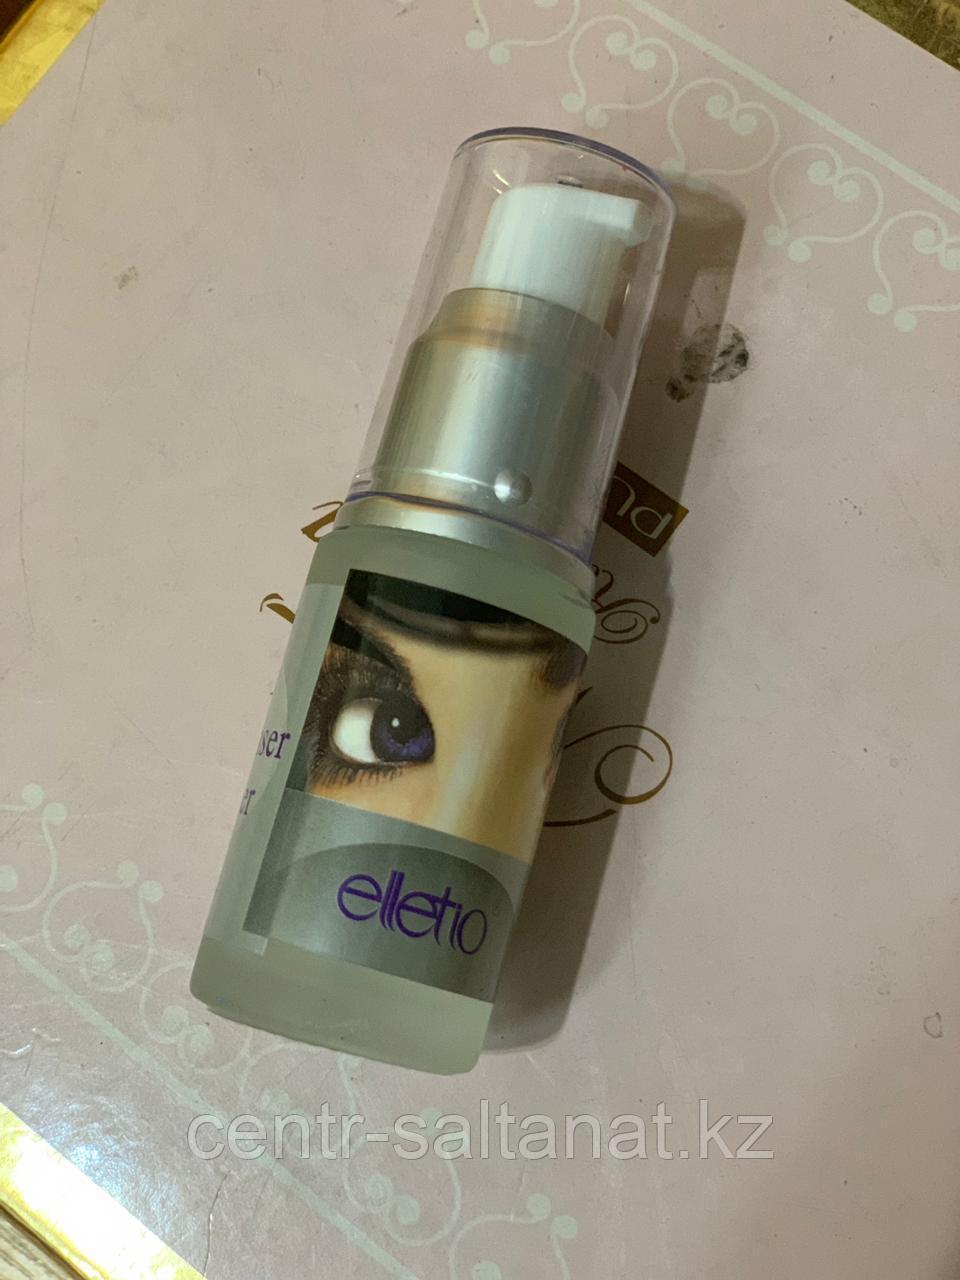 Дебондер гель для снятия искусственных ресниц